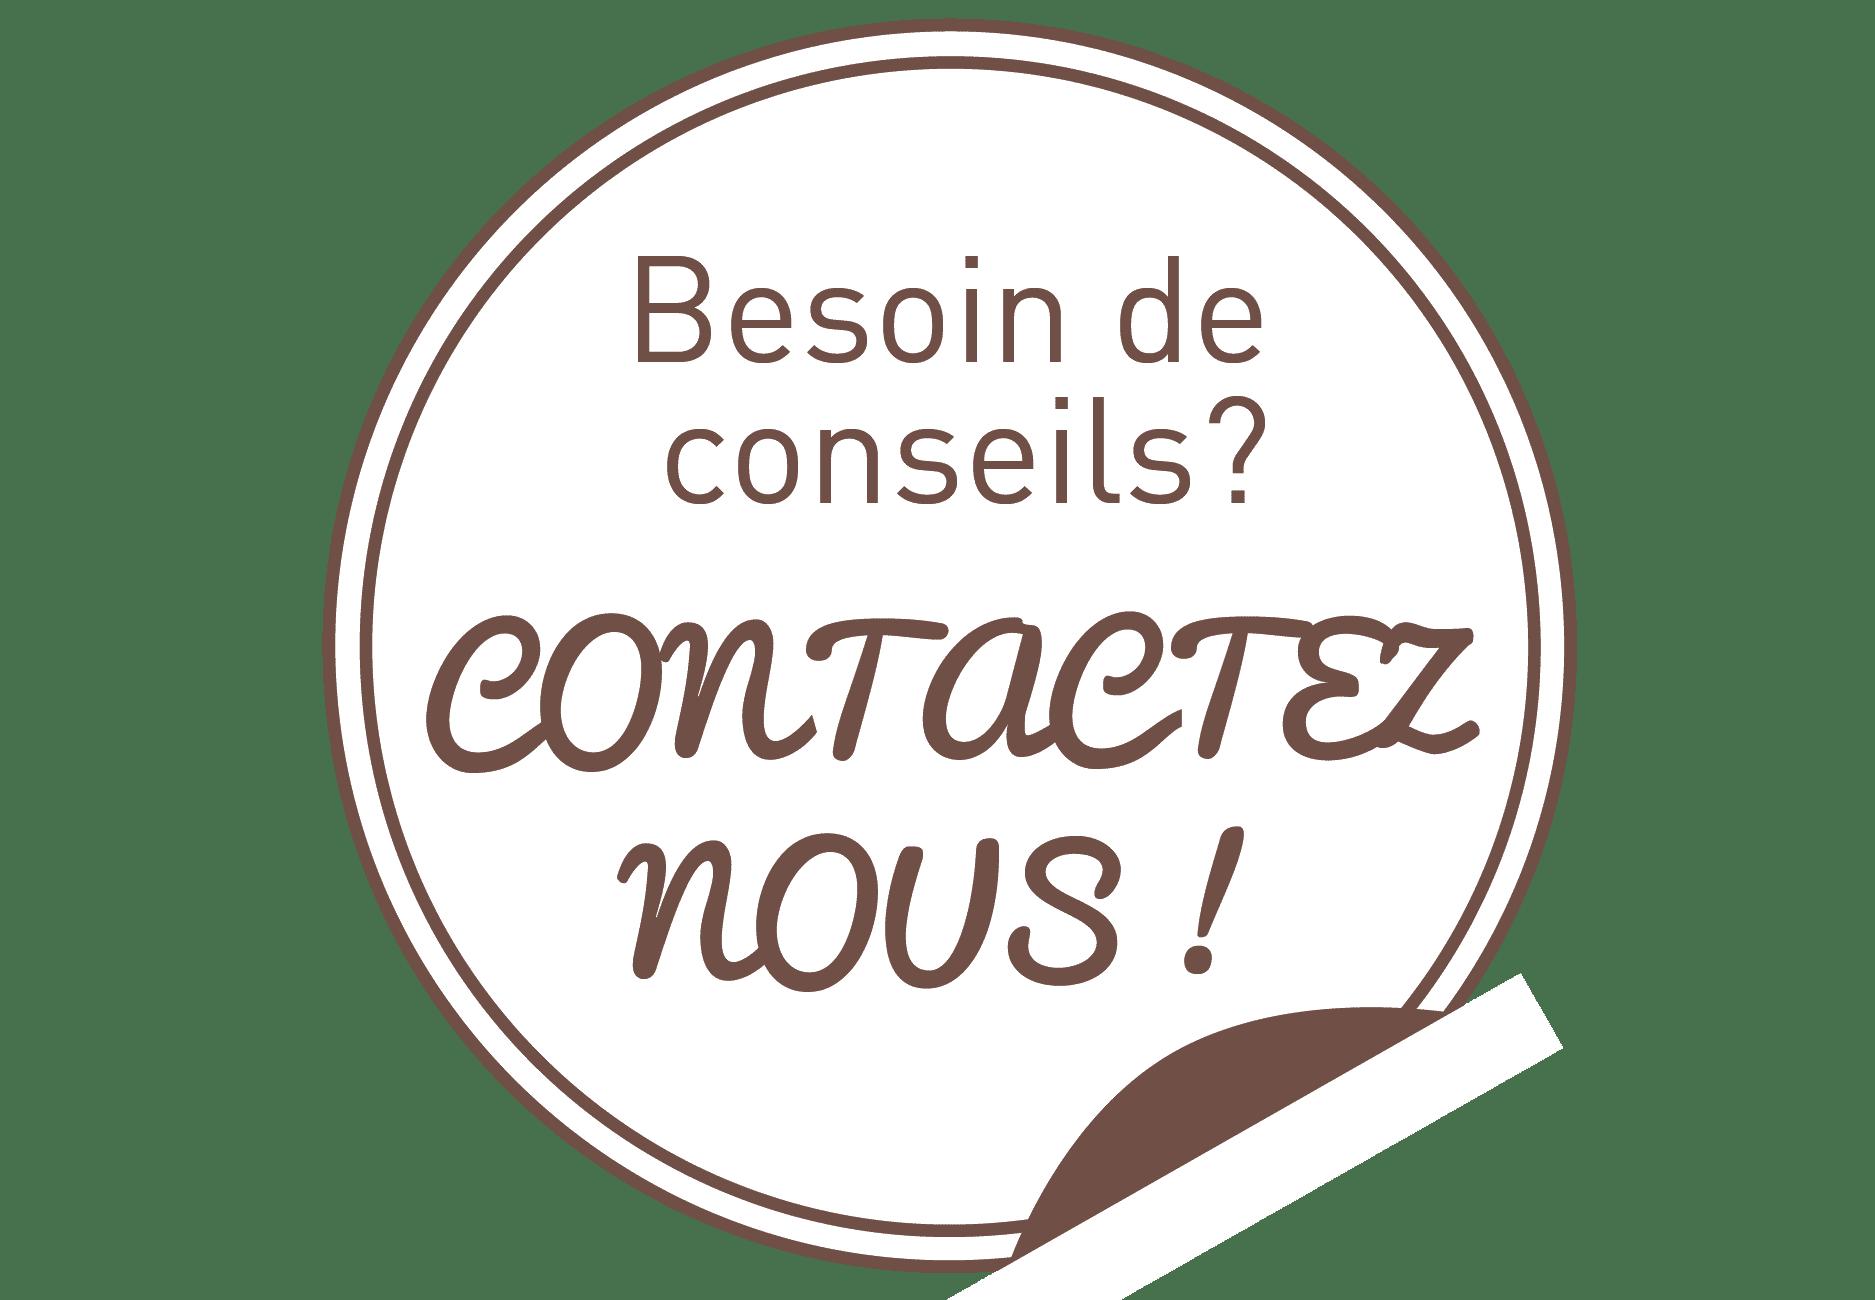 L'Art de la Vape - E-cigarettes, accessoires et E-liquides - Le spécialiste de la E-Cigarette - Saint Dié des Vosges